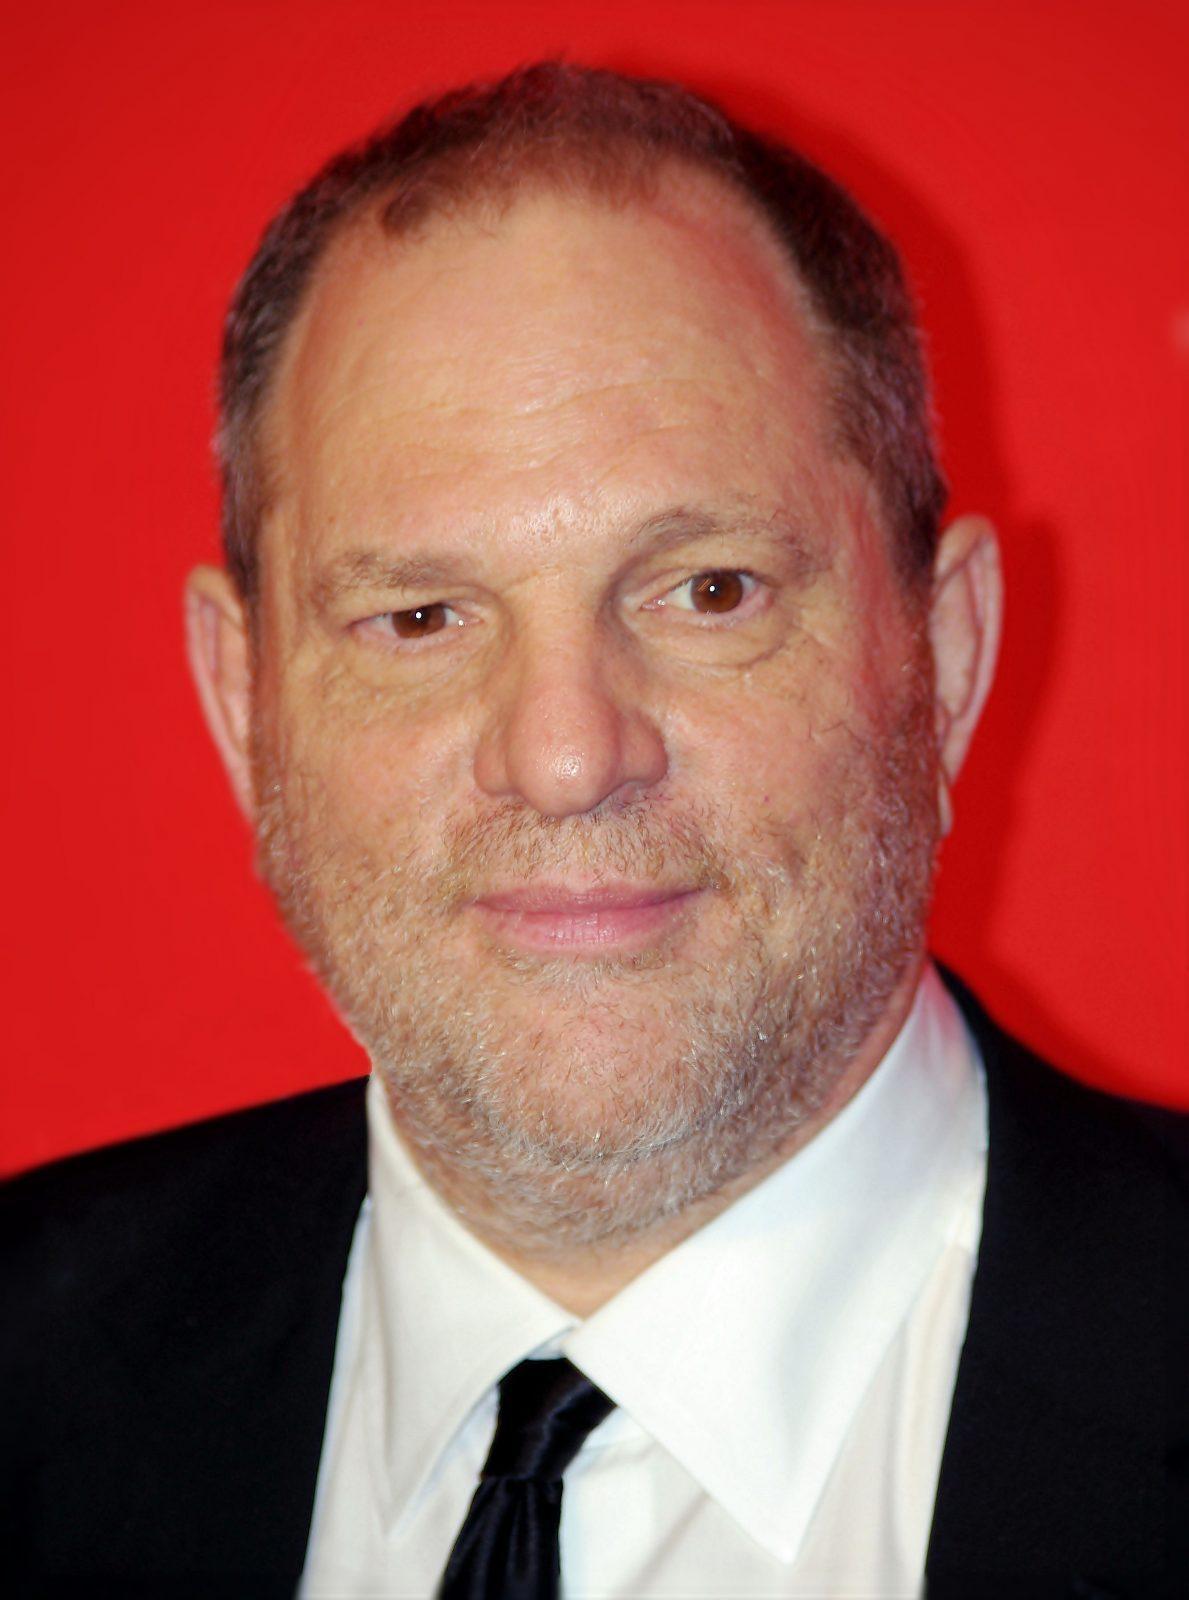 Harvey Weinstein convicted